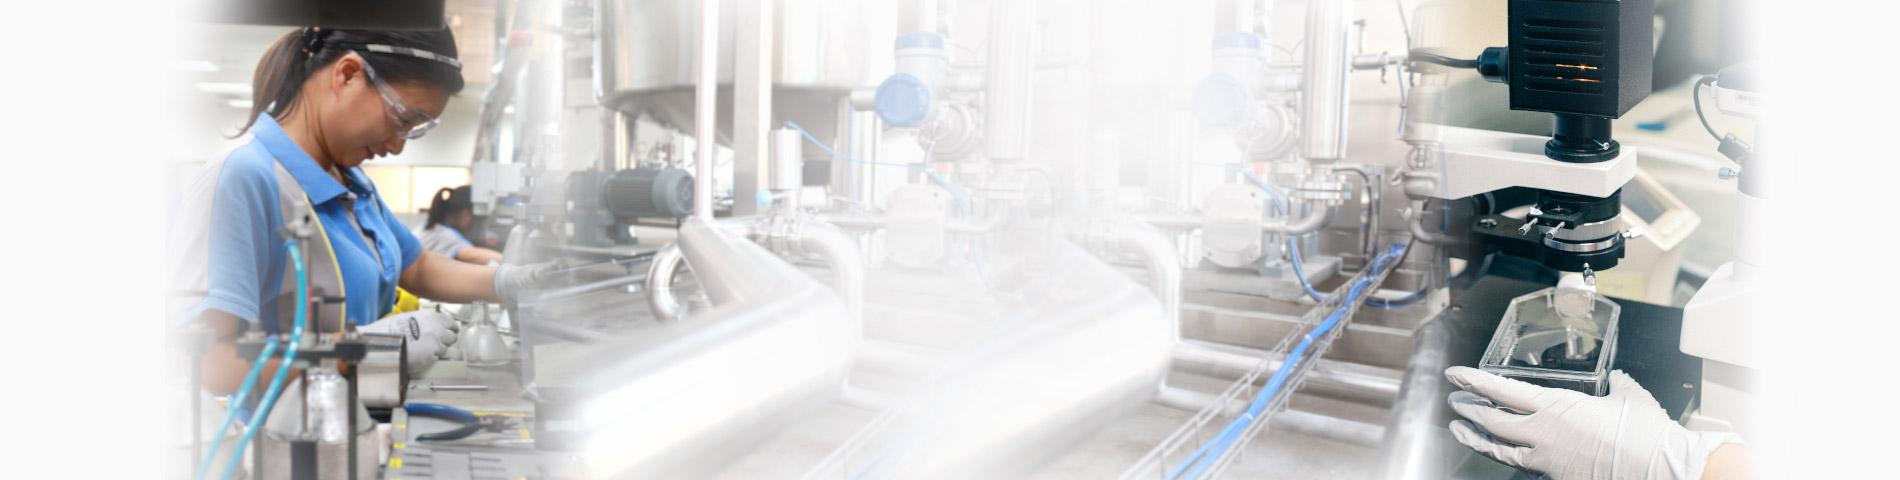 Enregistré FDA & Certifié ISO 13485